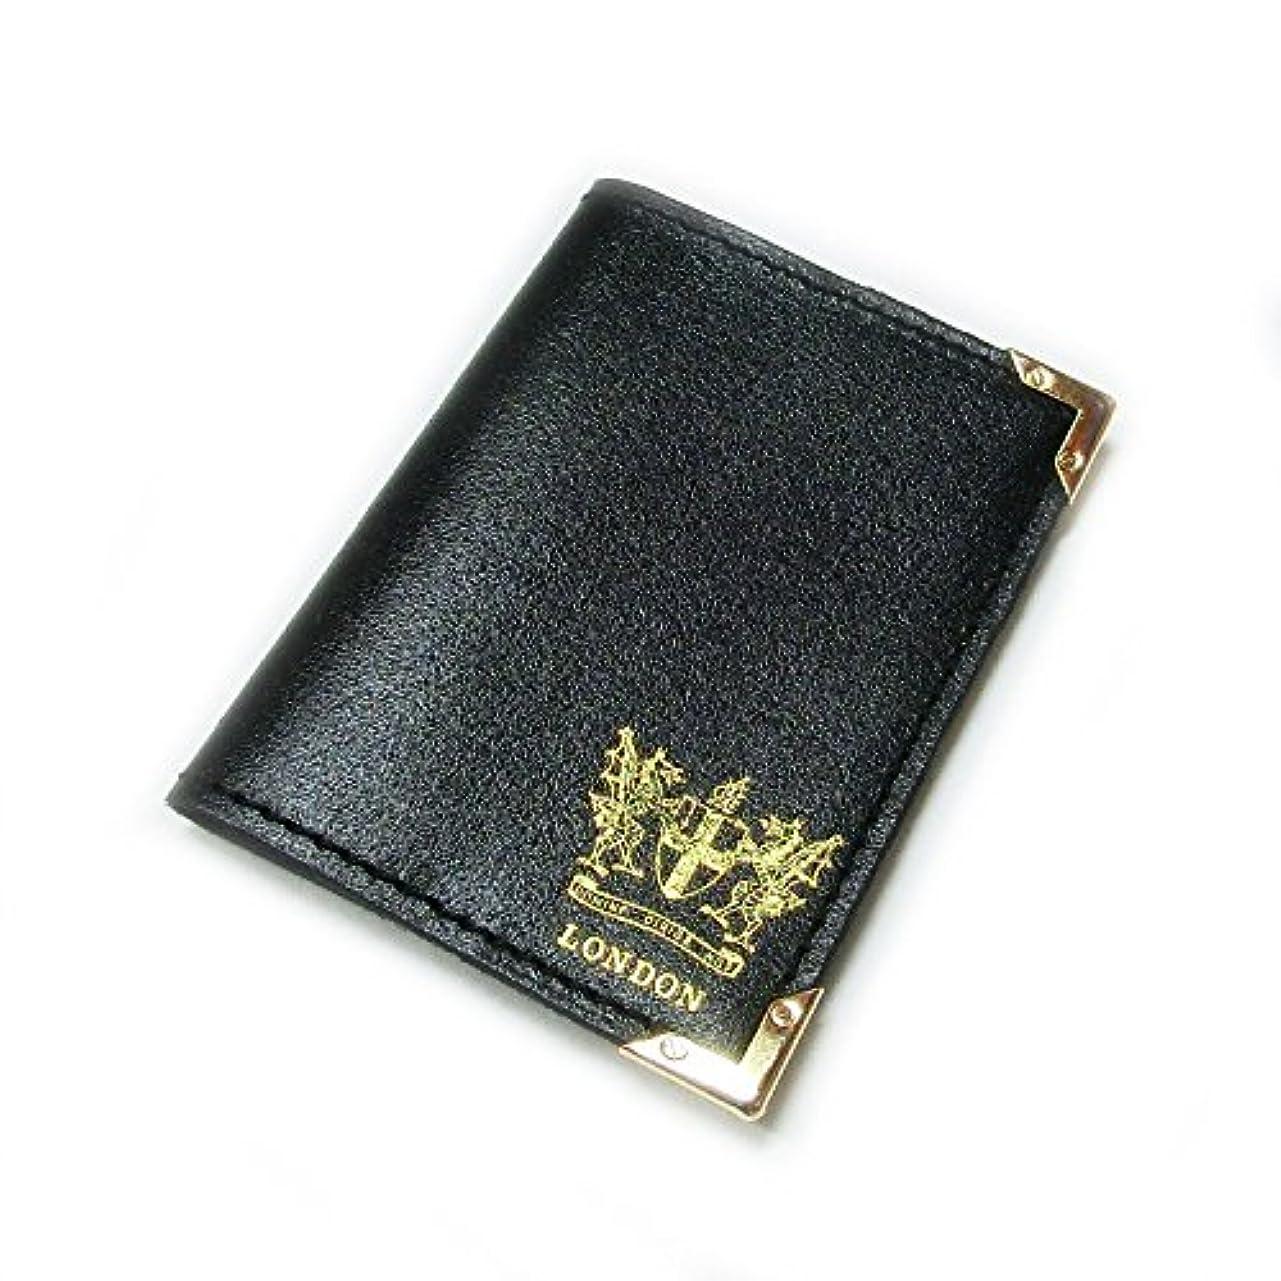 アブストラクト吸収剤のスコア革製カードケース ロンドン市の紋章入り【ブラック】